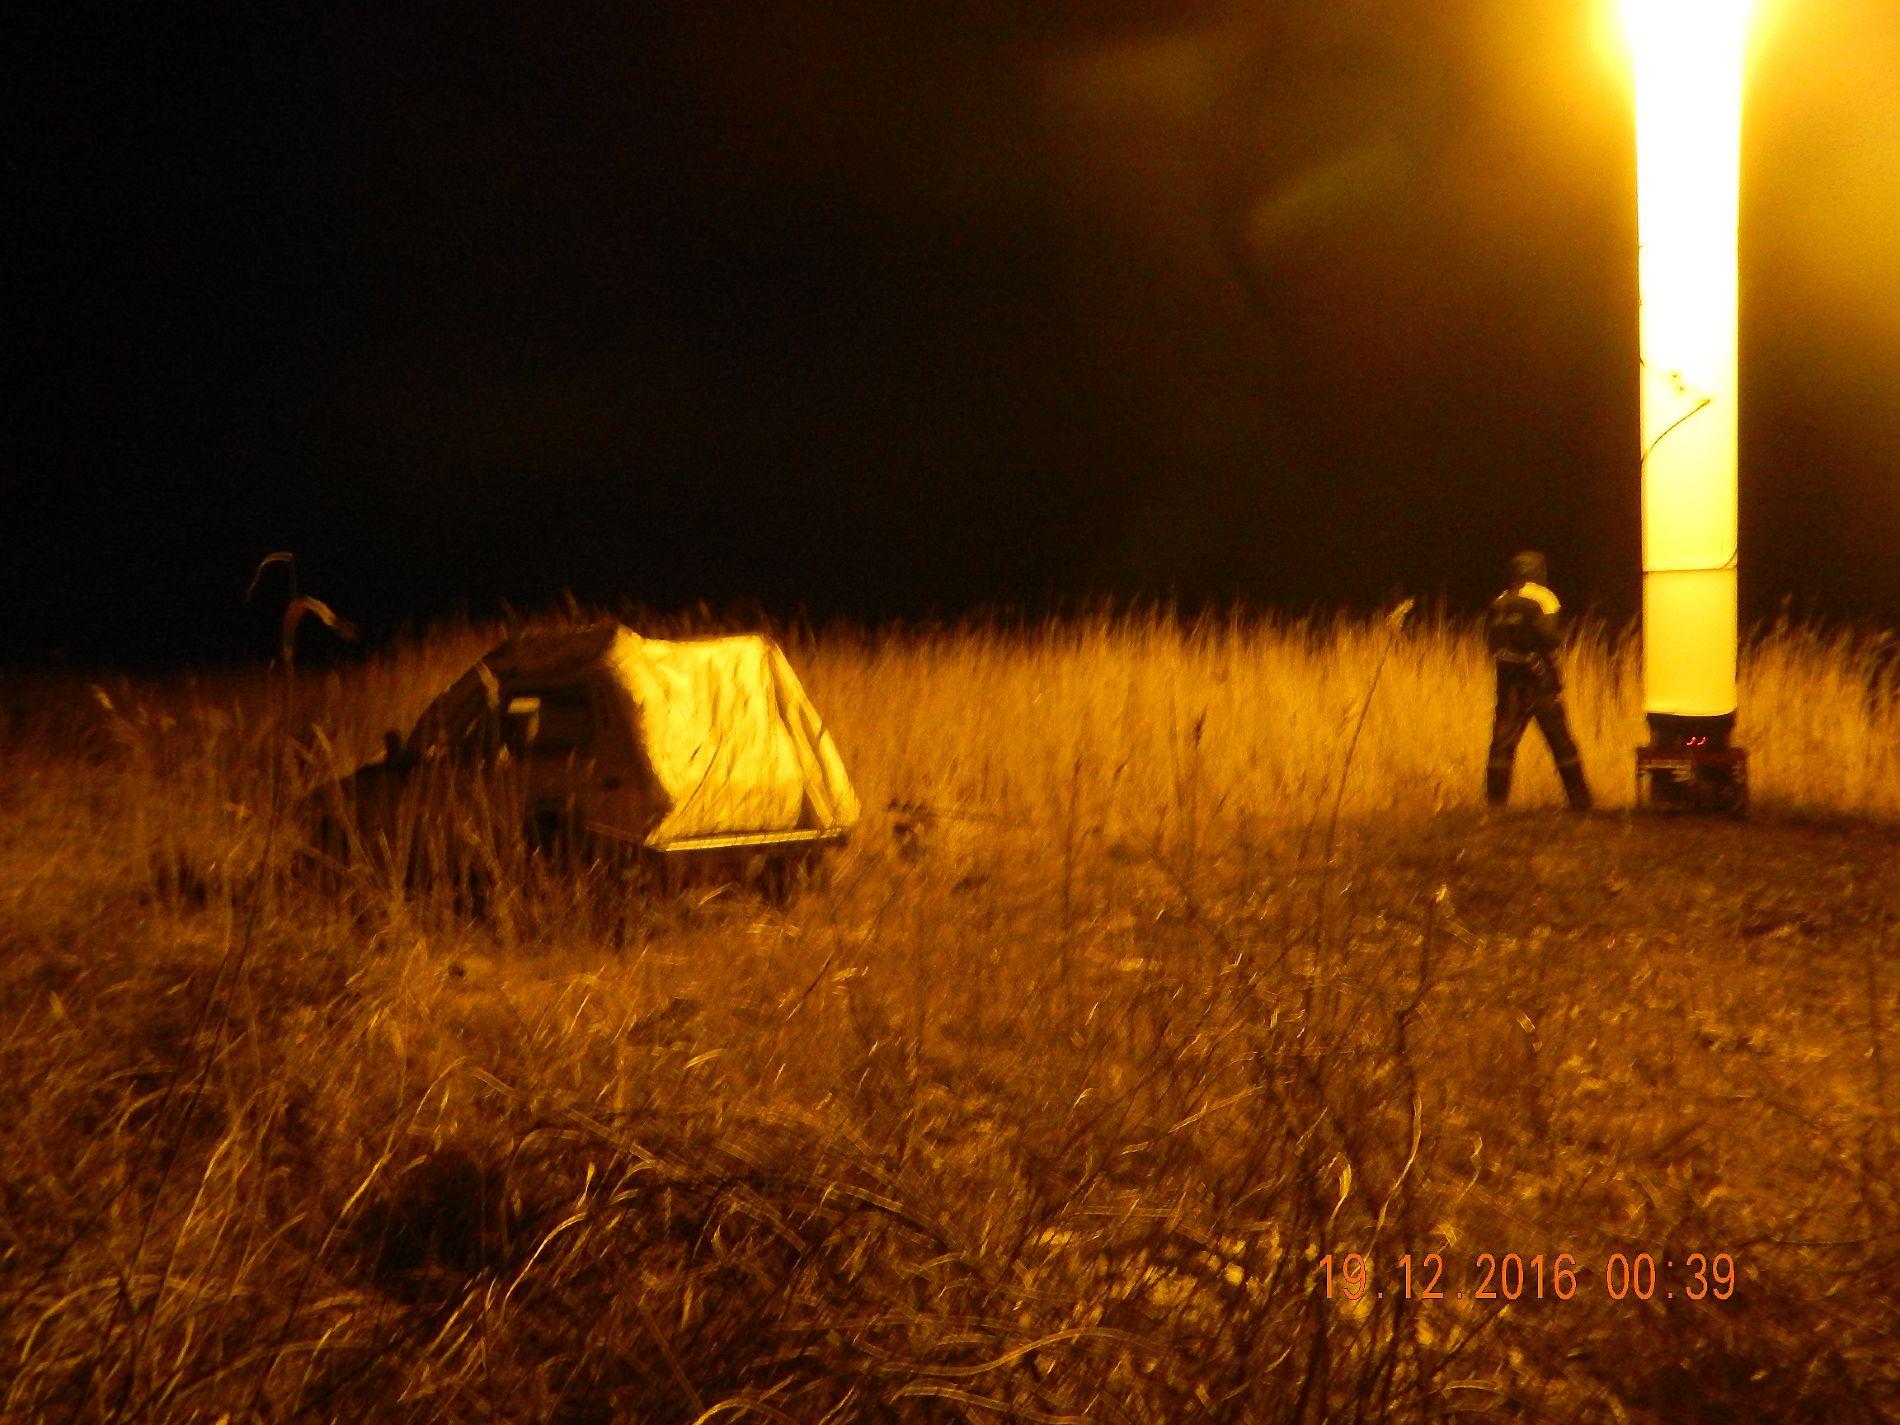 ВПриморско-Ахтарском районе вкамышах заблудился рыбак